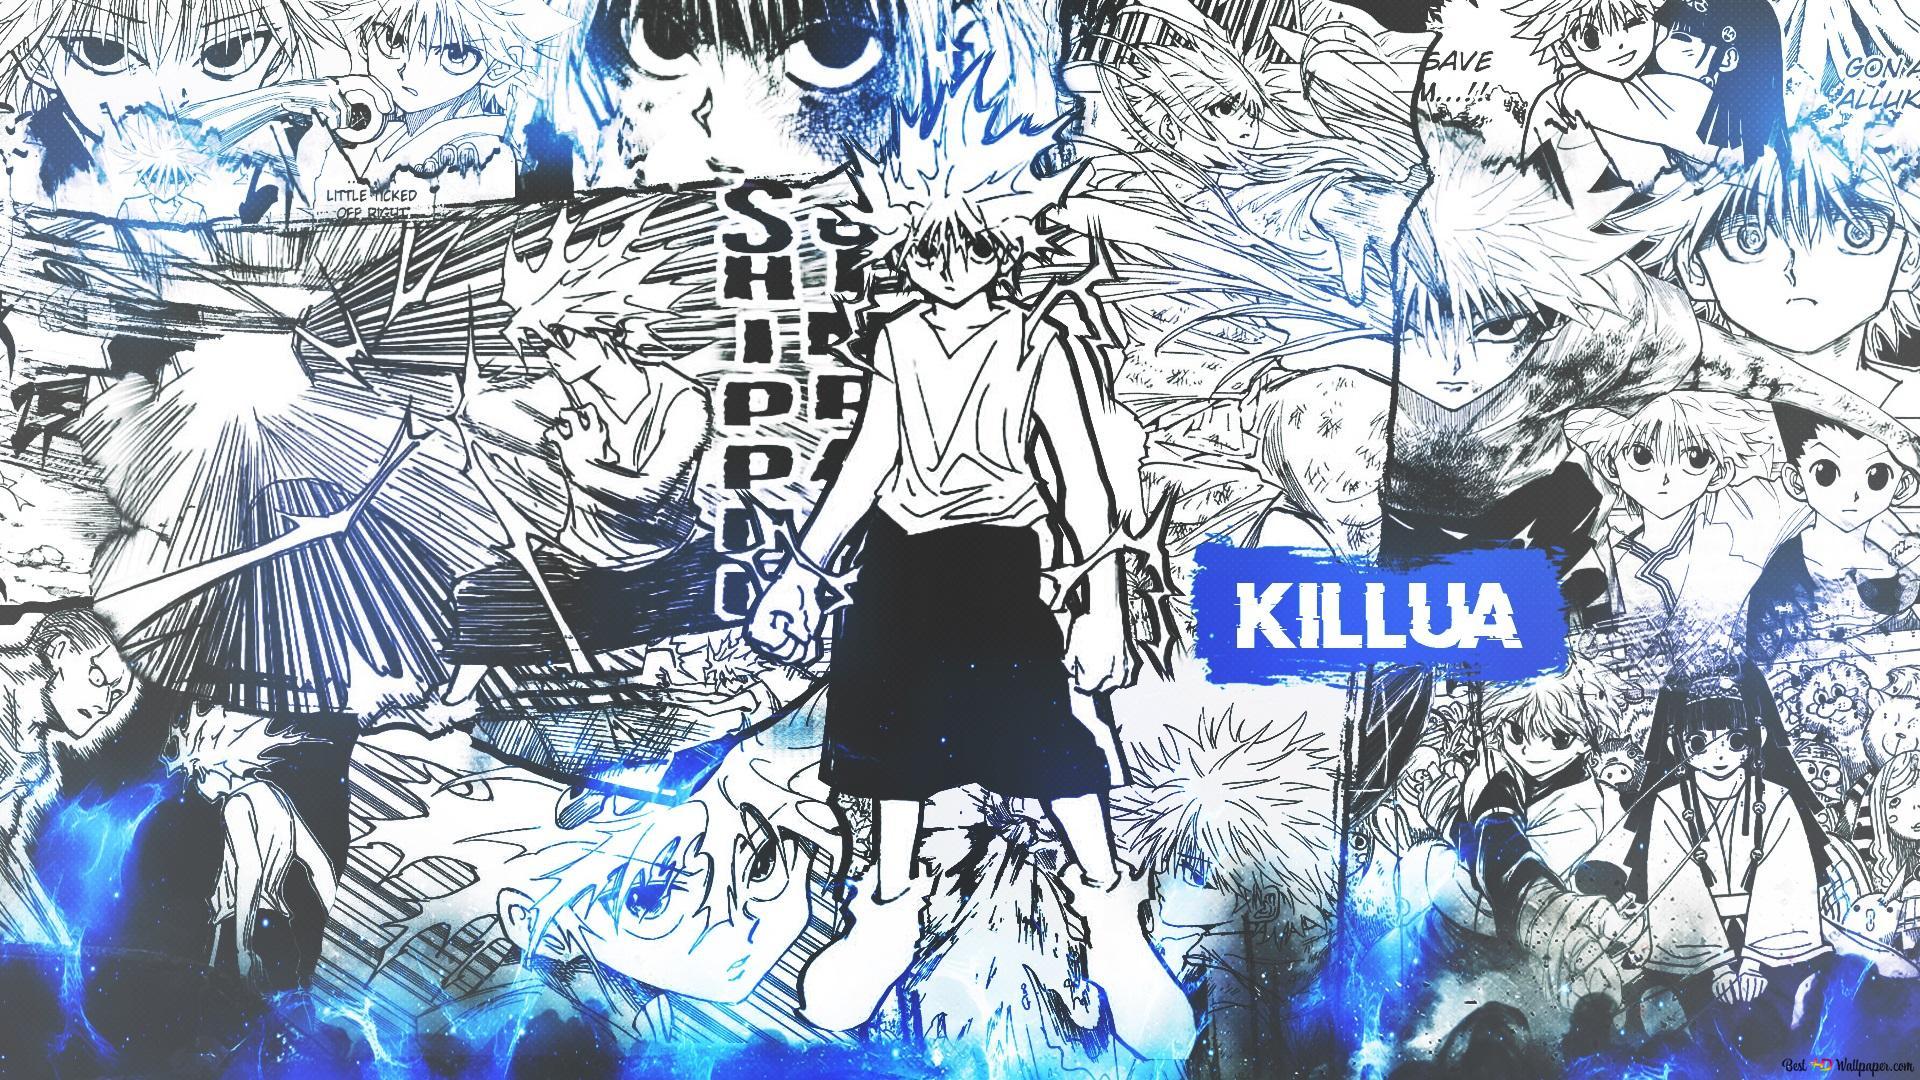 Hunter X Hunter Killua Zoldyck Hd Wallpaper Download